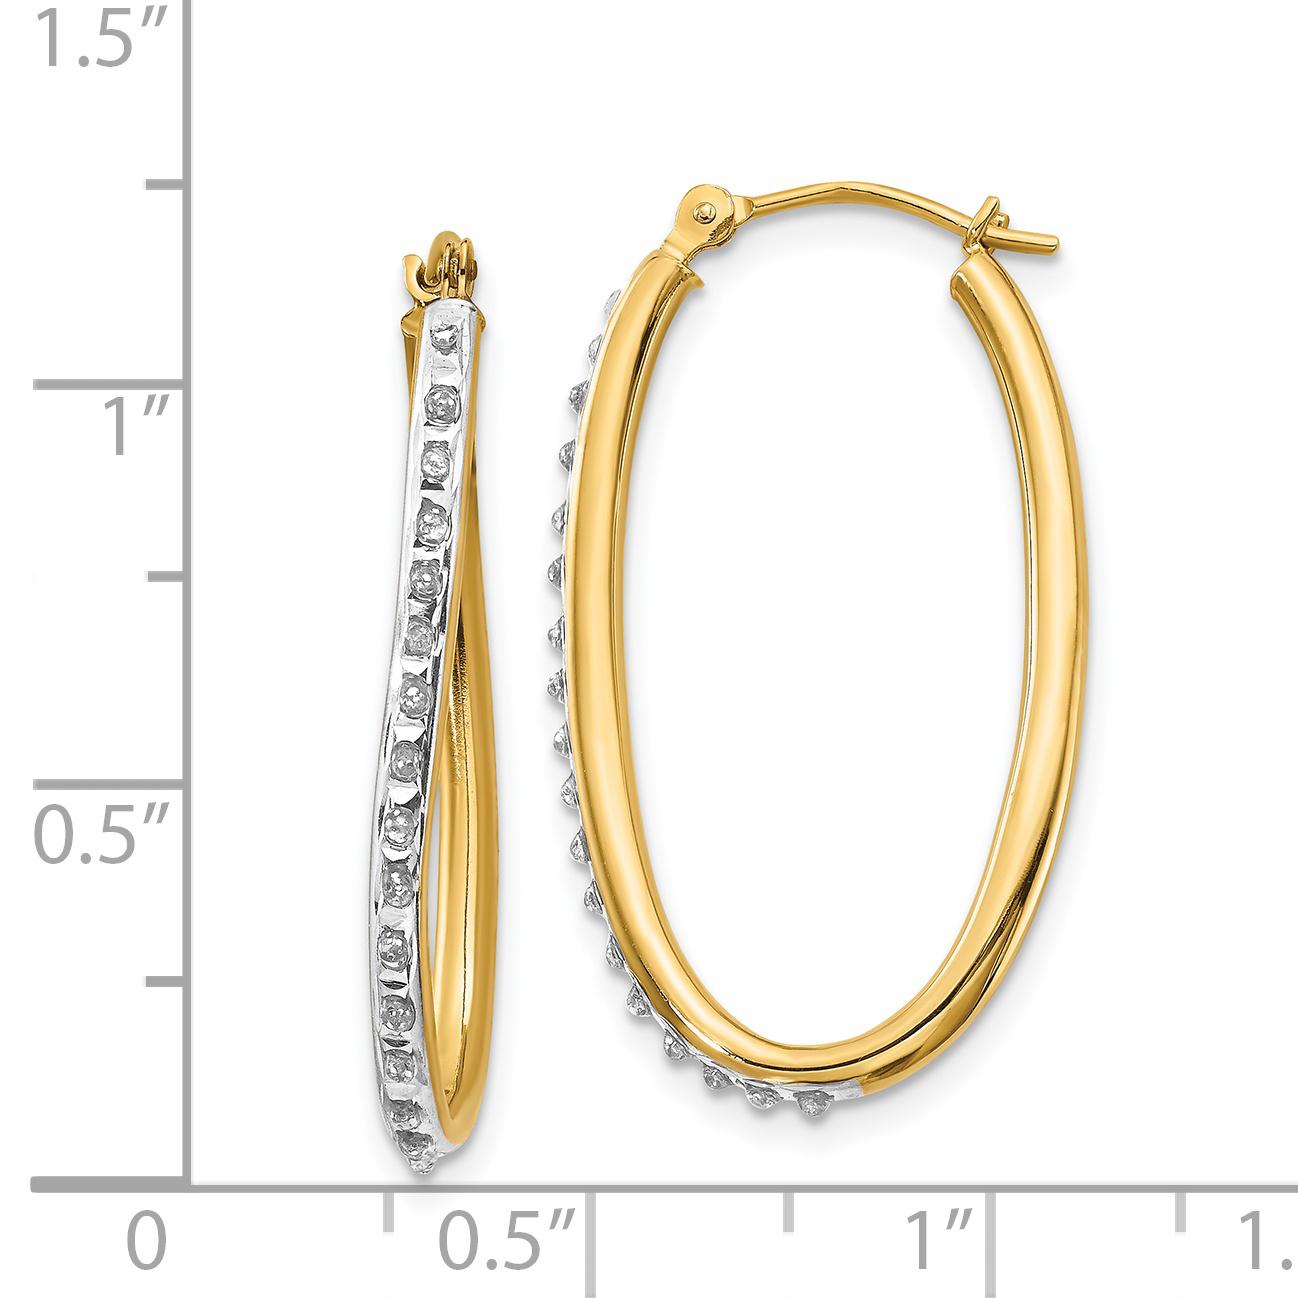 14k Yellow Gold Diamond Fascination Oval Twist Hoop Earrings Ear Hoops Set Fine Jewelry Gifts For Women For Her - image 1 de 2